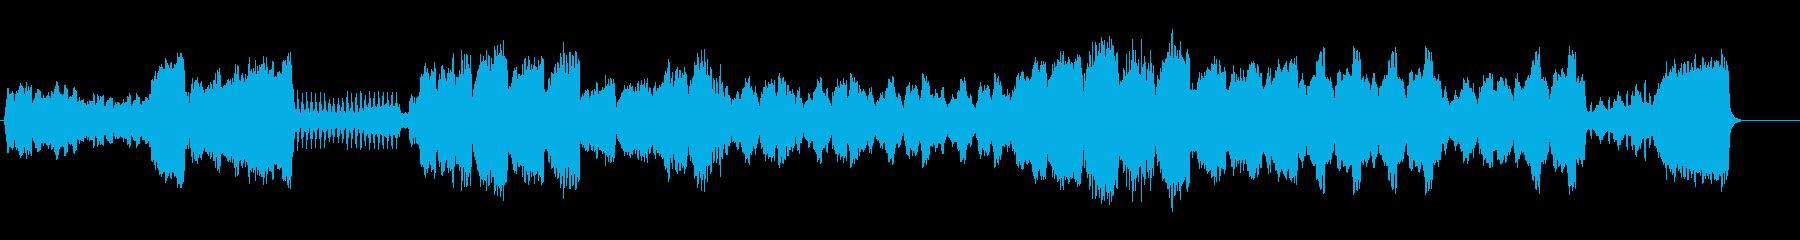 哀愁感のある弦楽四重奏曲の再生済みの波形